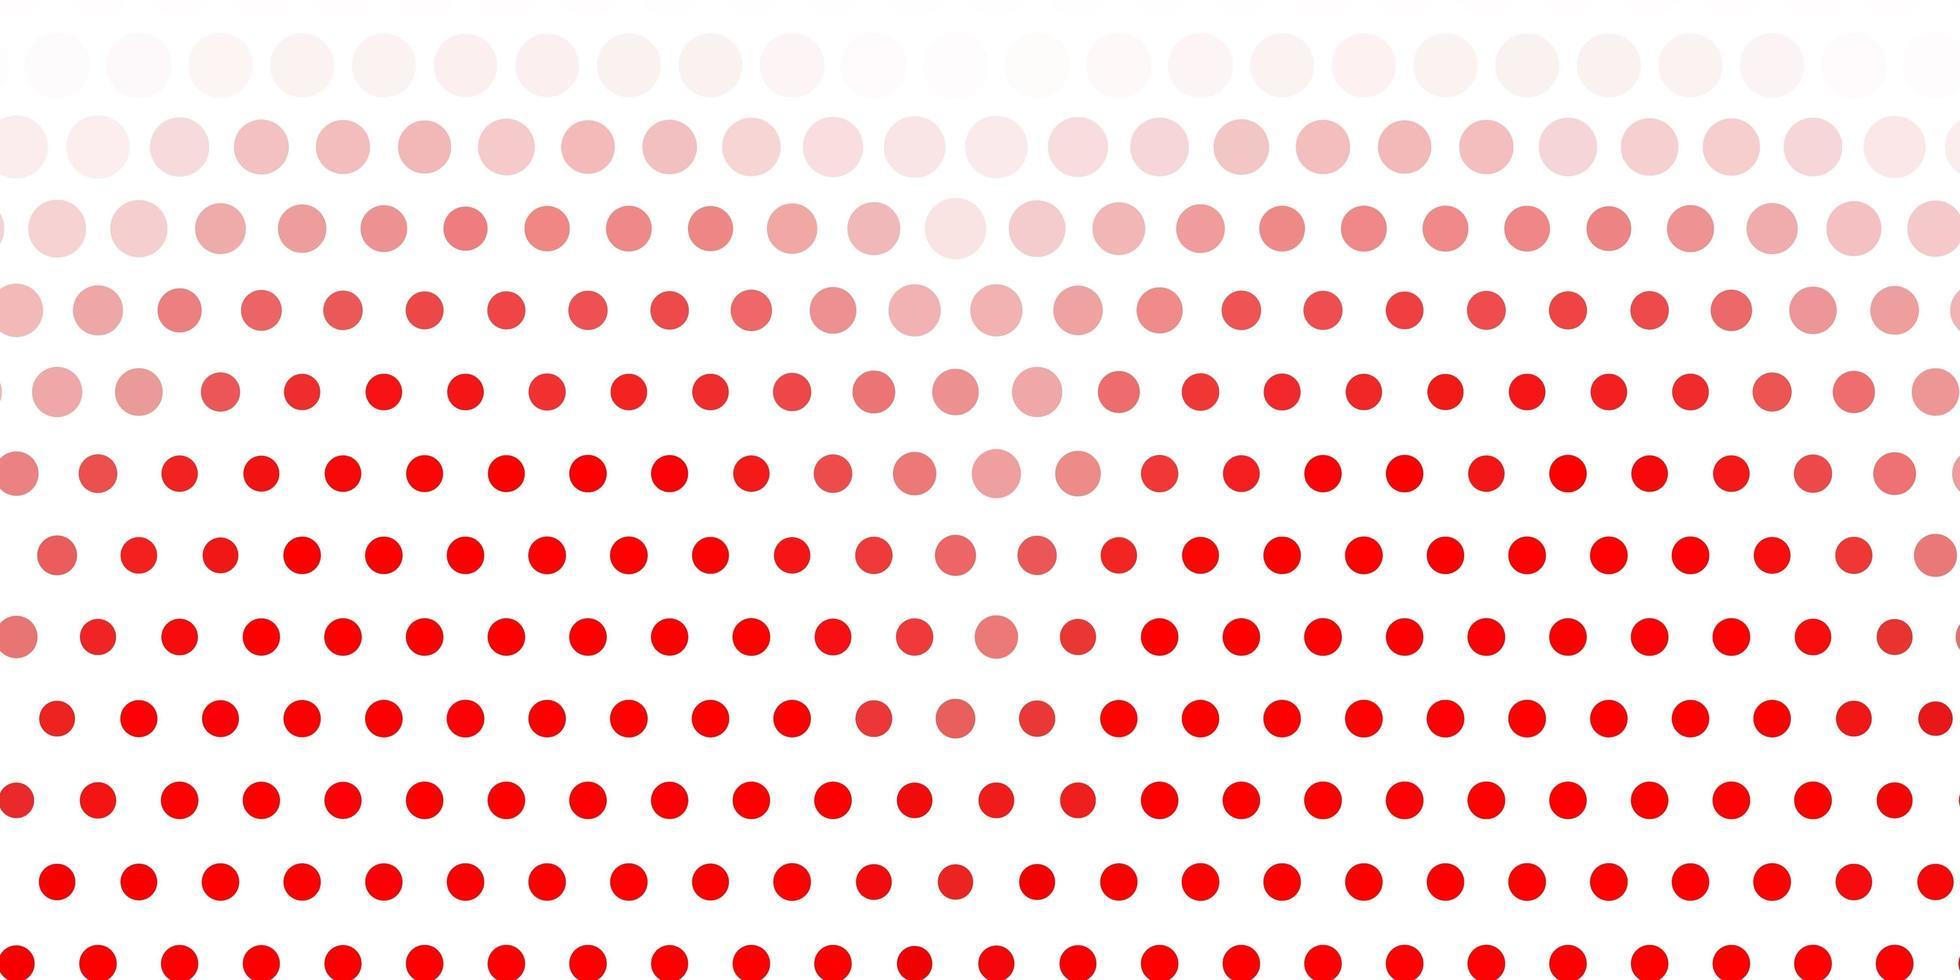 ljusröd bakgrund med bubblor. vektor